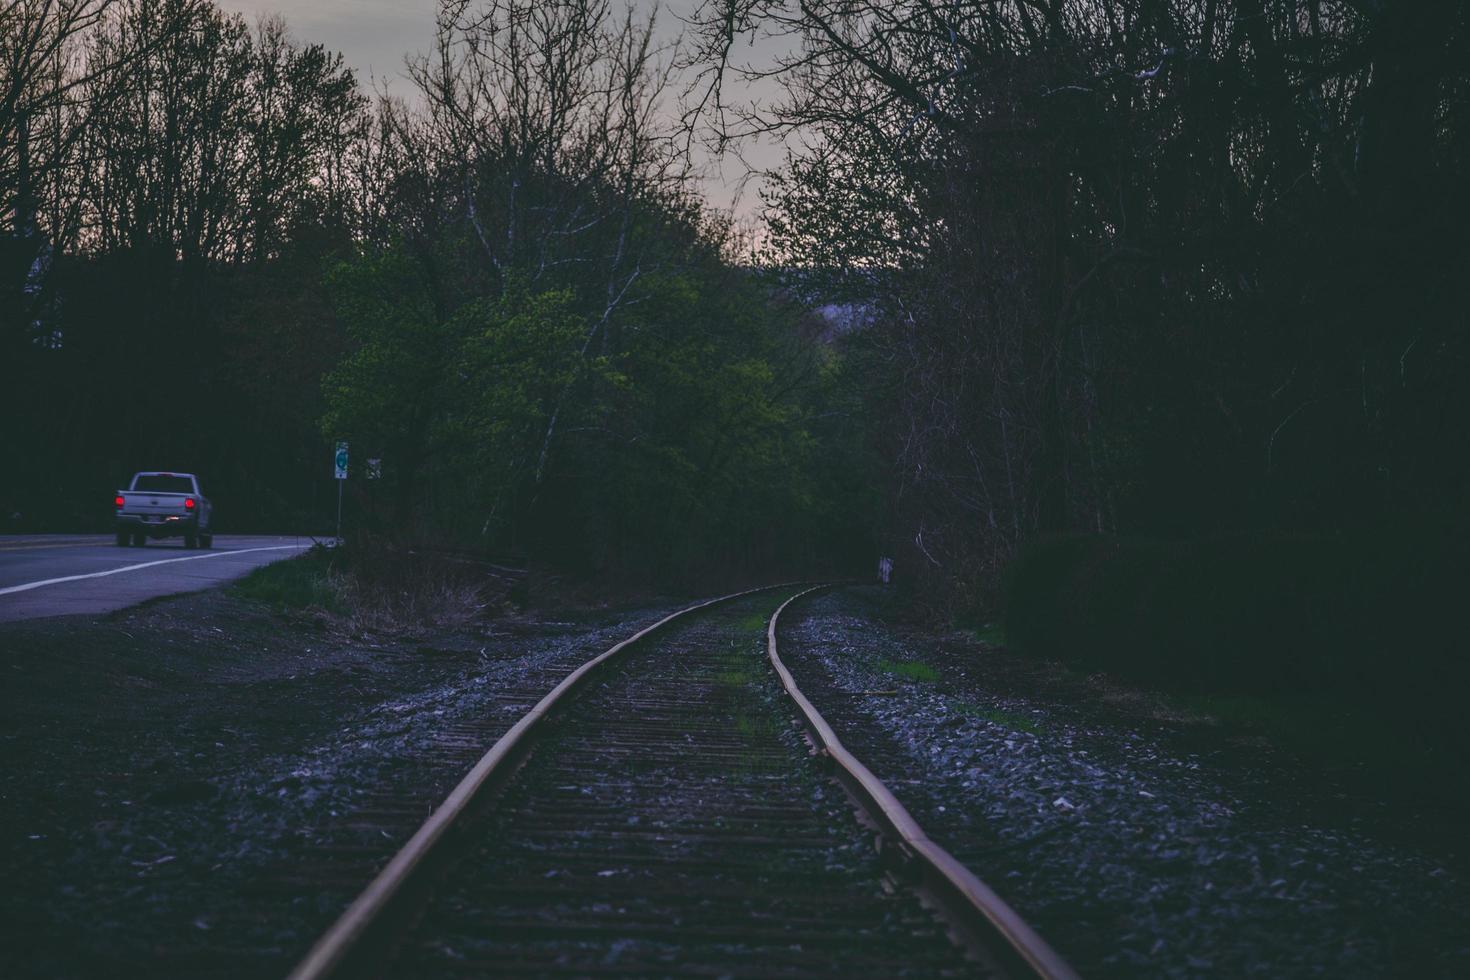 voie ferrée la nuit photo